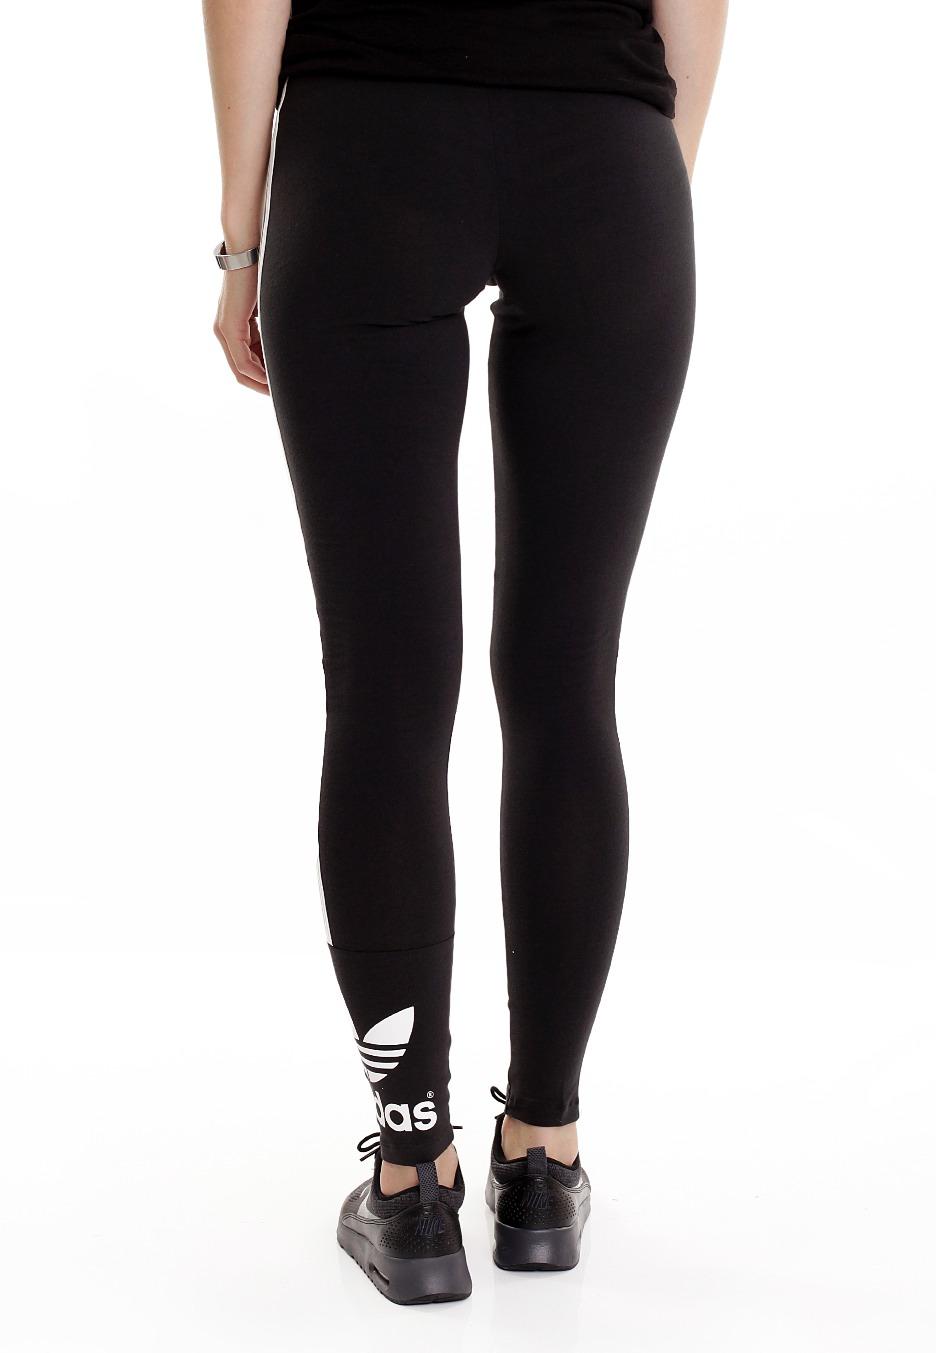 Adidas - 3 Stripes - Leggings